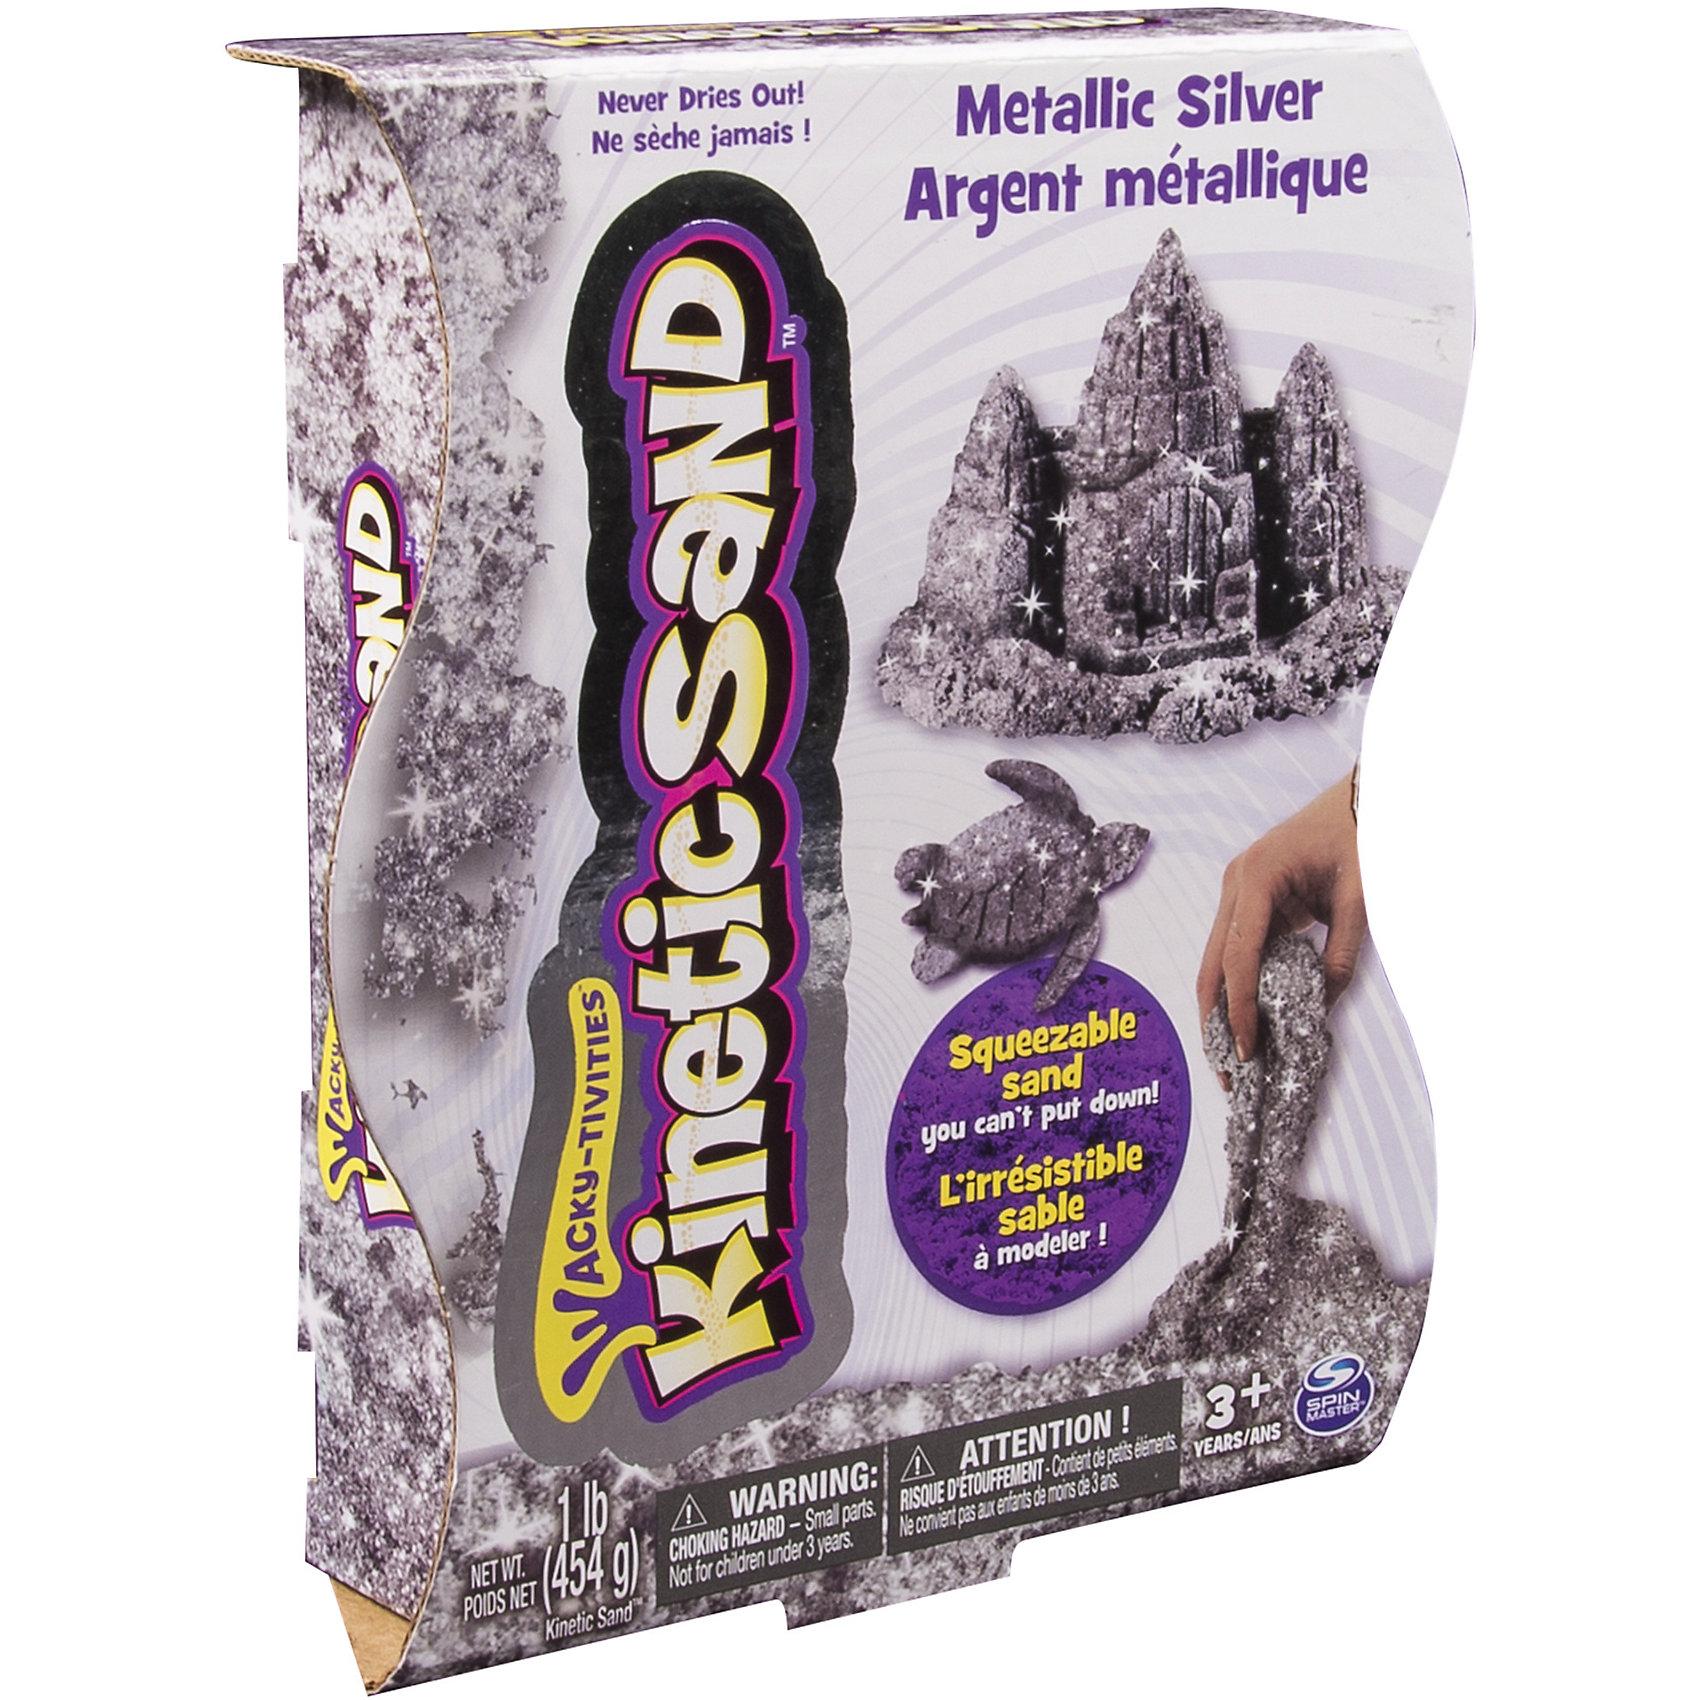 Песок для лепки Kinetic sand, металлик серебряный, 455грКинетический песок<br>Новинка в серии уникального материала для творчества Kinetic sand — кинетический песок цвета металлик серебристого или золотистого цвета. Внешне кинетический песок напоминает обычный влажный песок, тактильные ощущения совершенно другие. Состав Kinetic Sand очень прост: 98% кварцевого песка высокой степени очистки и 2% уникального связующего агента. Кинетический песок — гипоаллергенен, на нём не остаются бактерии, при изготовлении используются только экологически чистые материалы.<br><br>Ширина мм: 185<br>Глубина мм: 220<br>Высота мм: 45<br>Вес г: 570<br>Возраст от месяцев: 36<br>Возраст до месяцев: 84<br>Пол: Унисекс<br>Возраст: Детский<br>SKU: 4768729